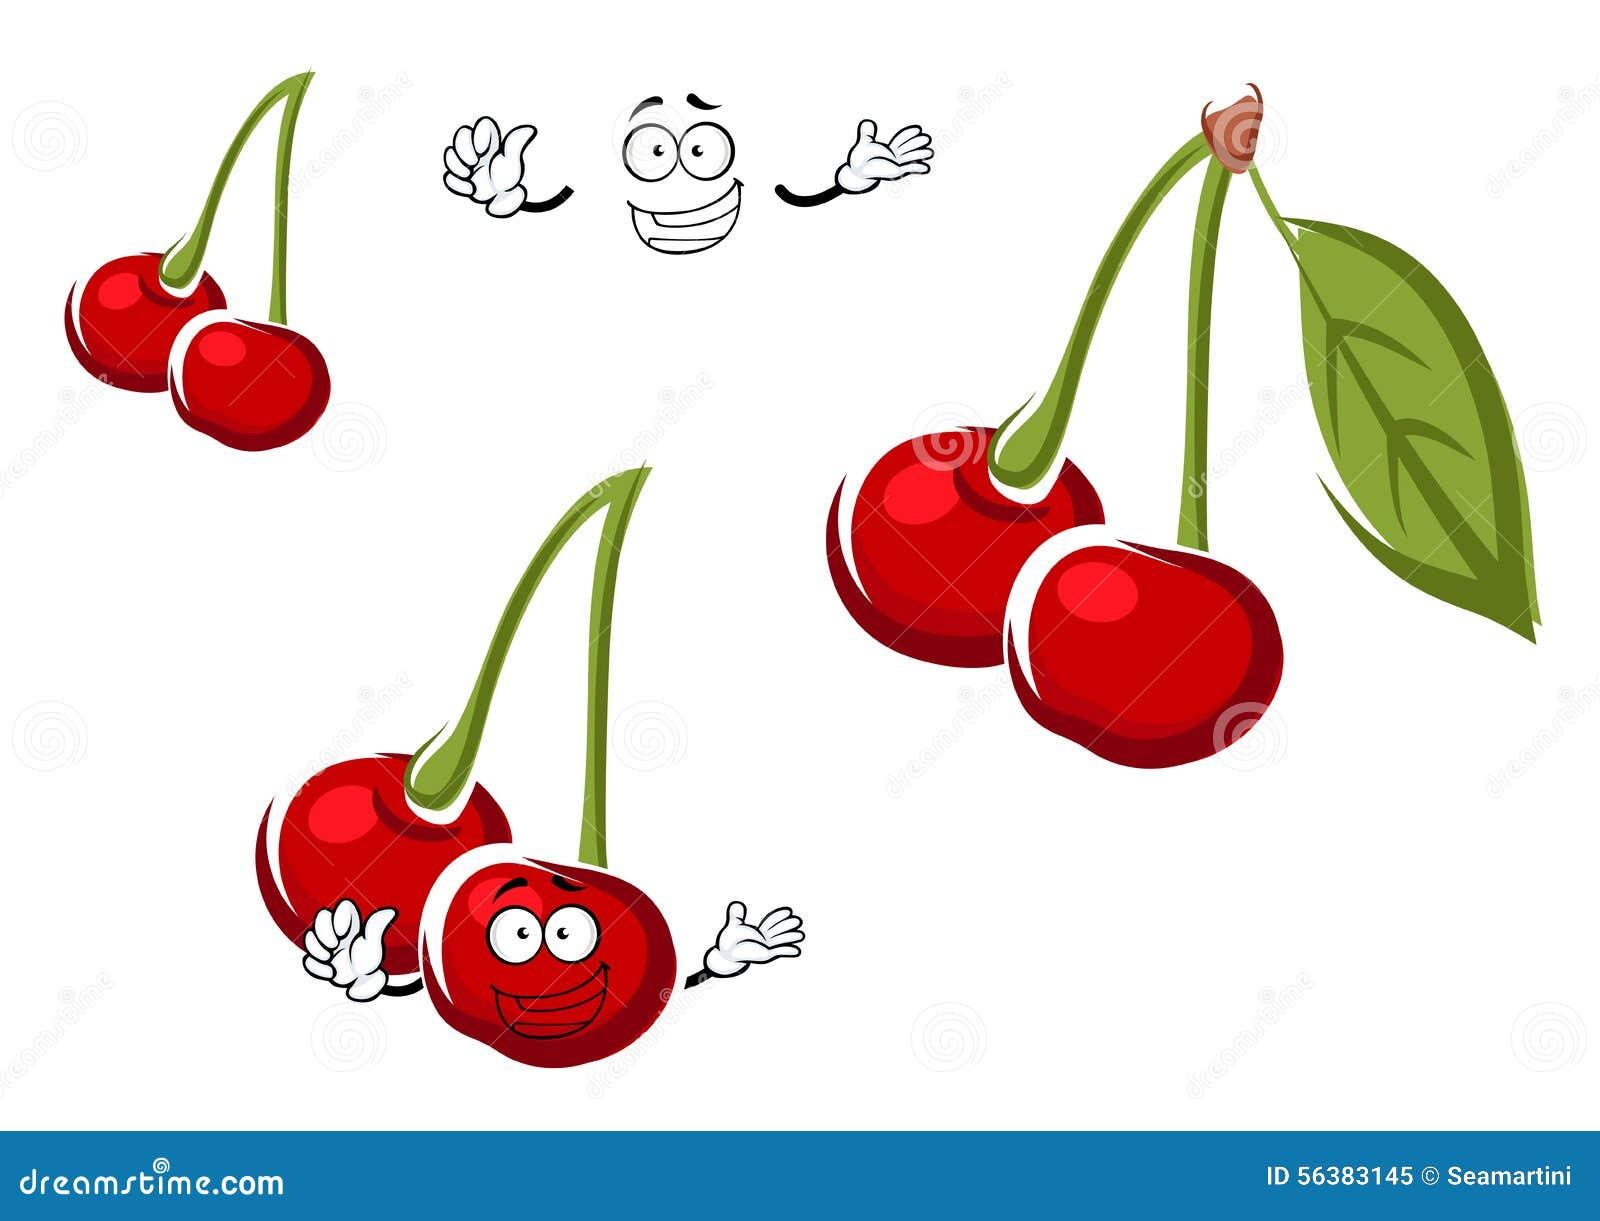 La cerise rouge porte des fruits personnage de dessin - Dessin de cerise ...